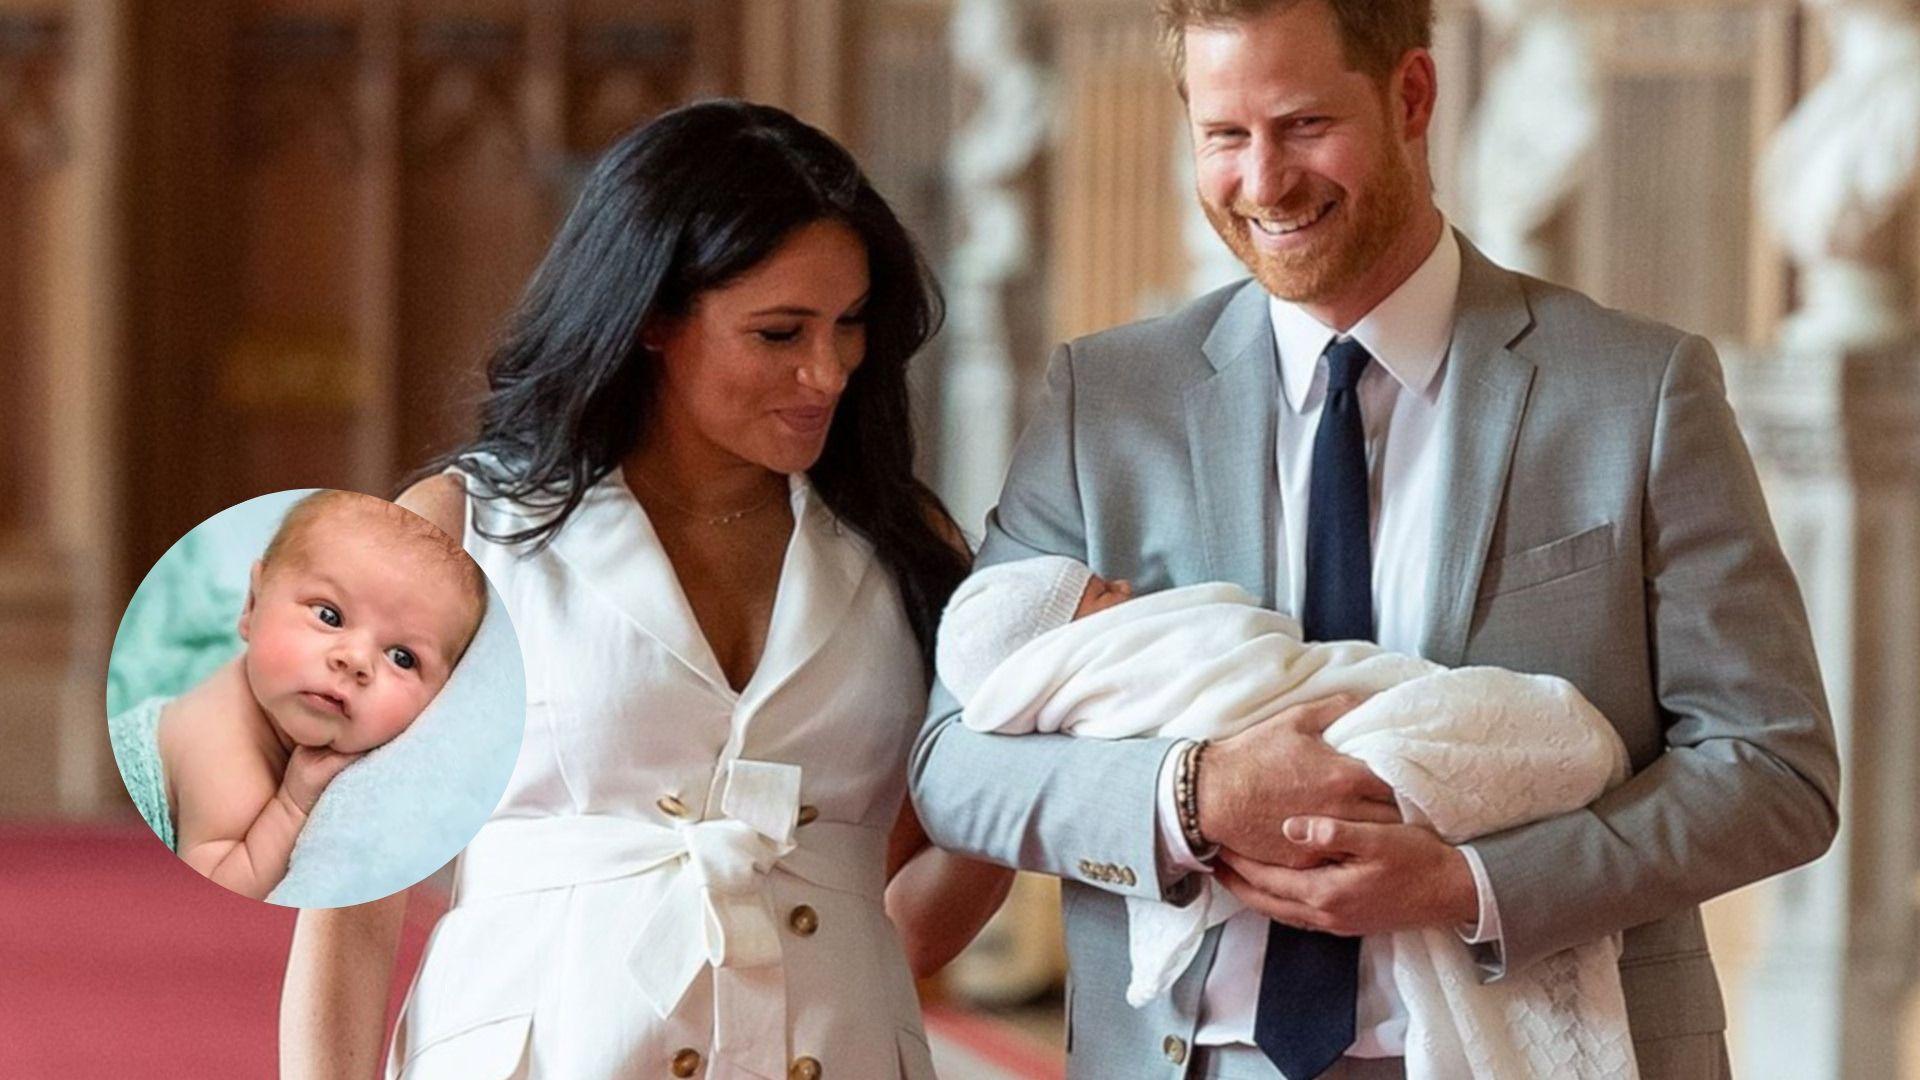 Czy to NOWE zdjęcie synka Meghan Marle i księcia Harry'ego? W mediach znowu zawrzało!